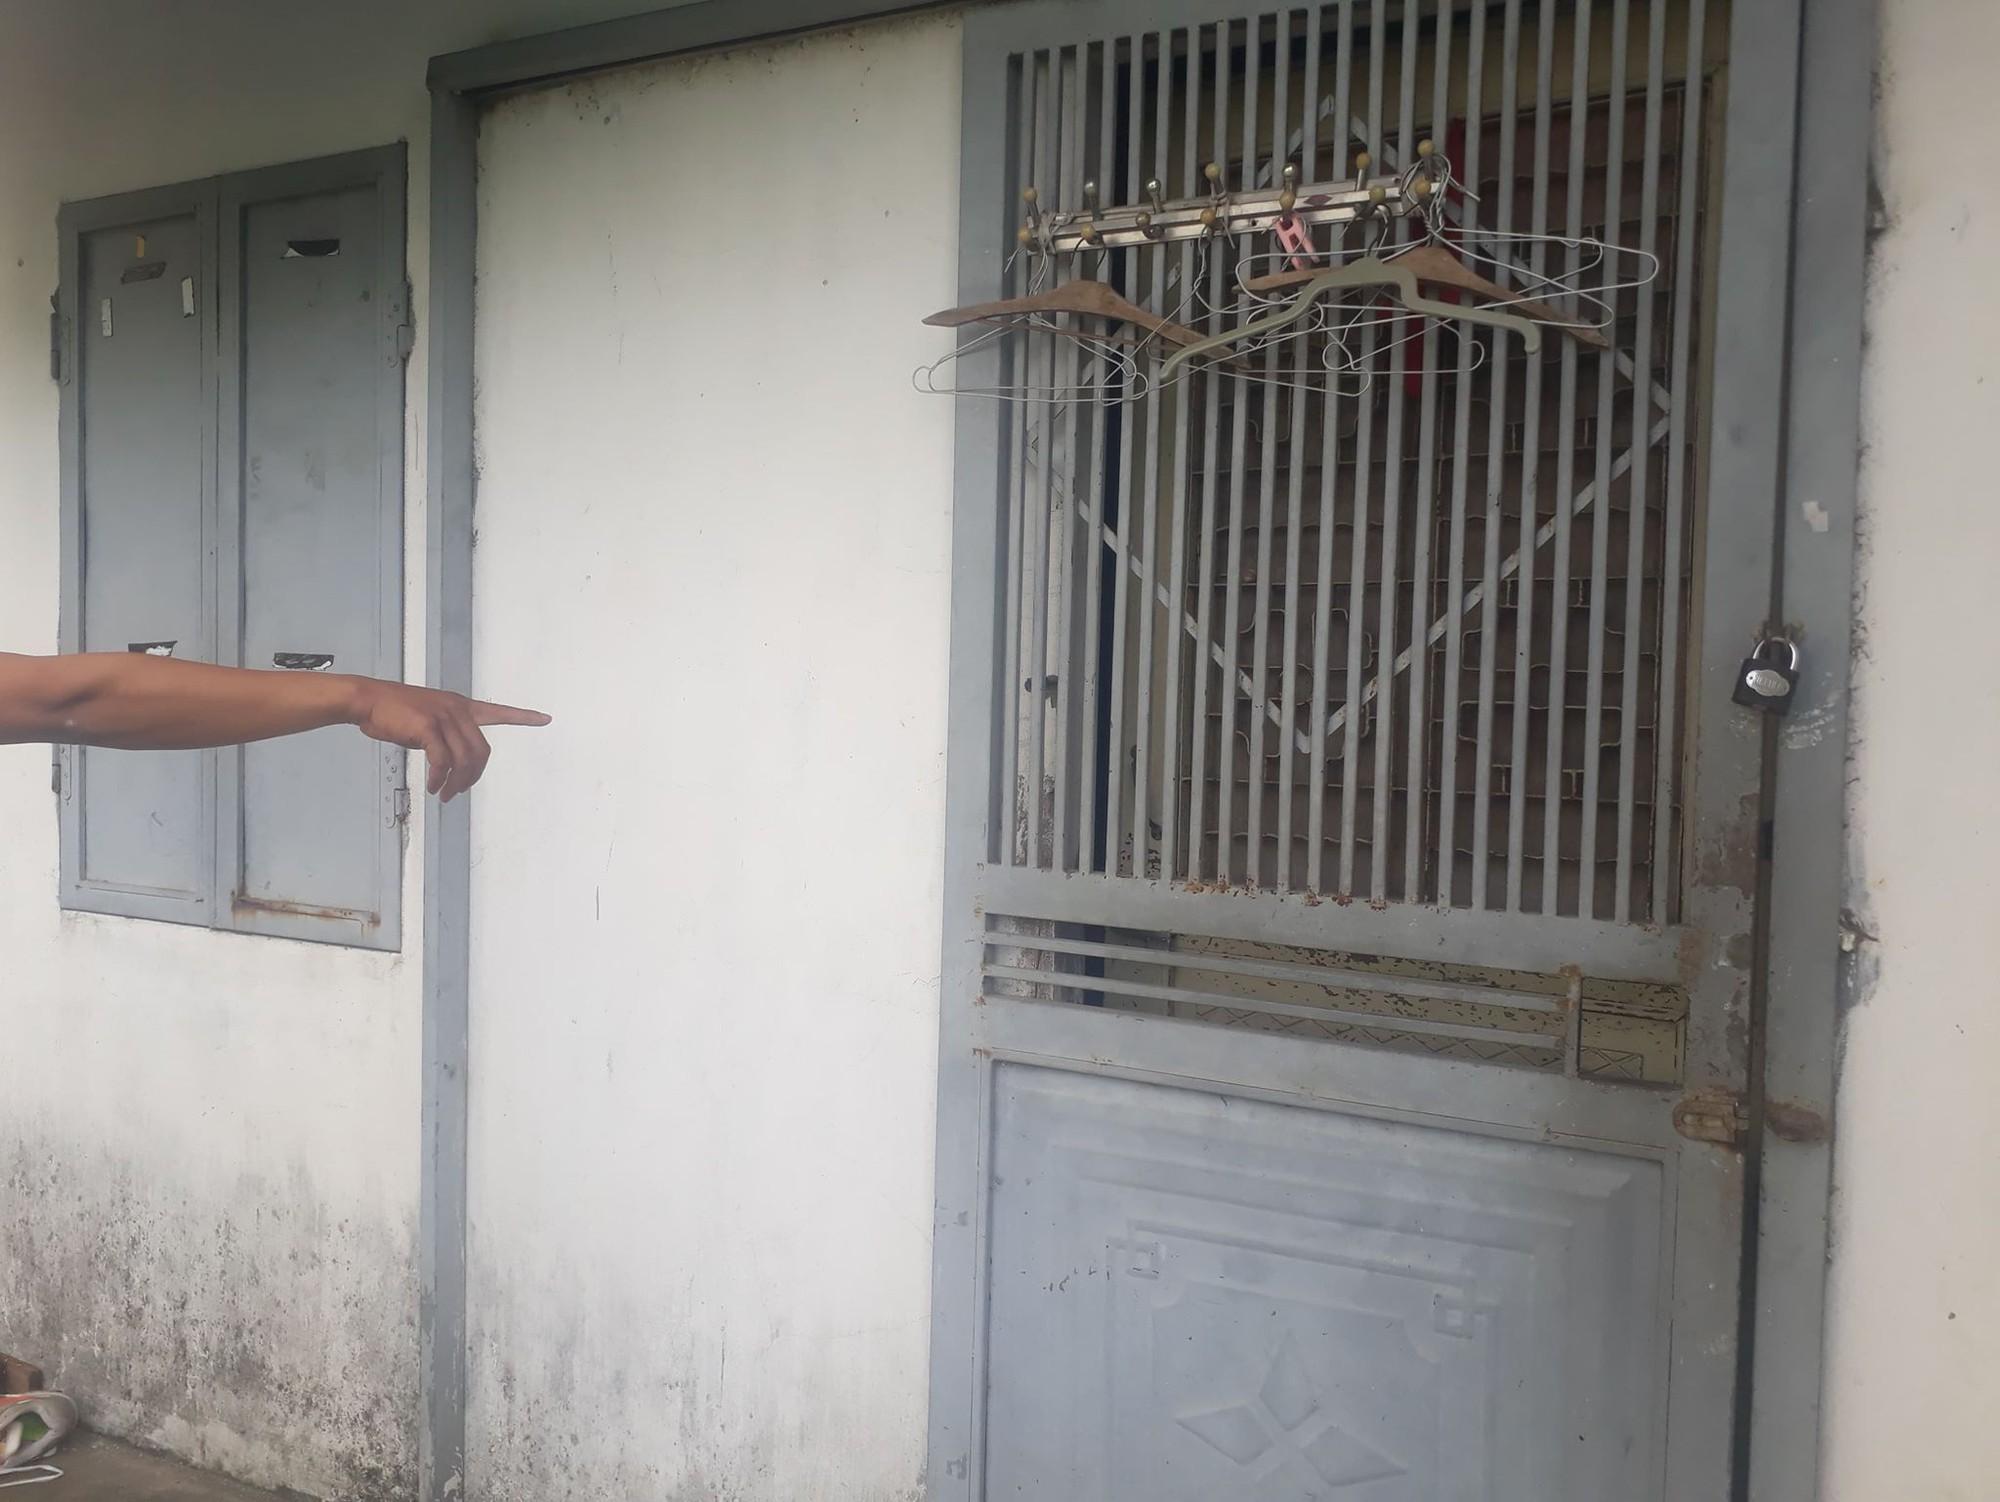 Giây phút bố đẻ khóa trái cửa, dùng tuýp sắt bạo hành dã man 2 con ở Hà Nội: Nó đánh con như đánh kẻ thù vậy!